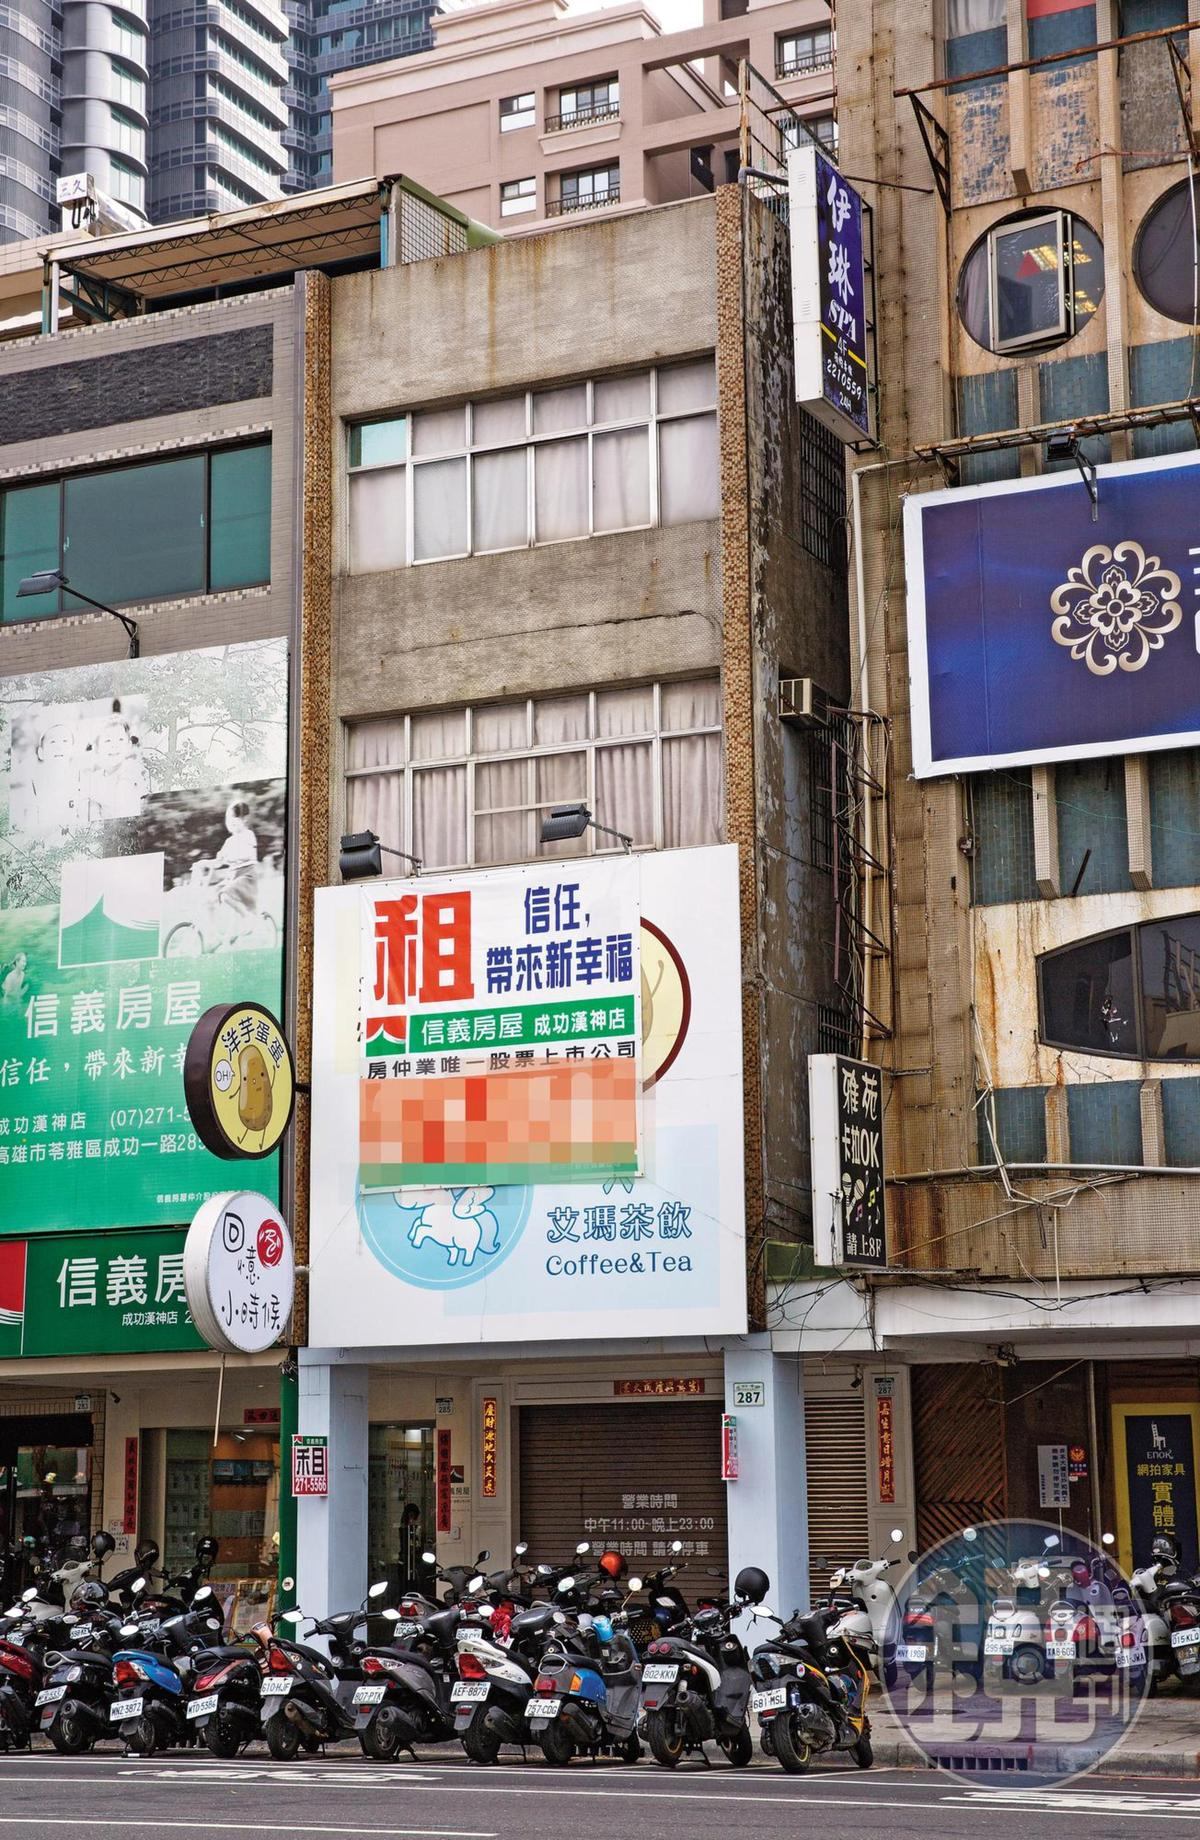 陳姓主嫌設立的眼鏡公司已人去樓空,目前招租中。陳嫌眼見手法遭拆穿,逃回香港避不見面。